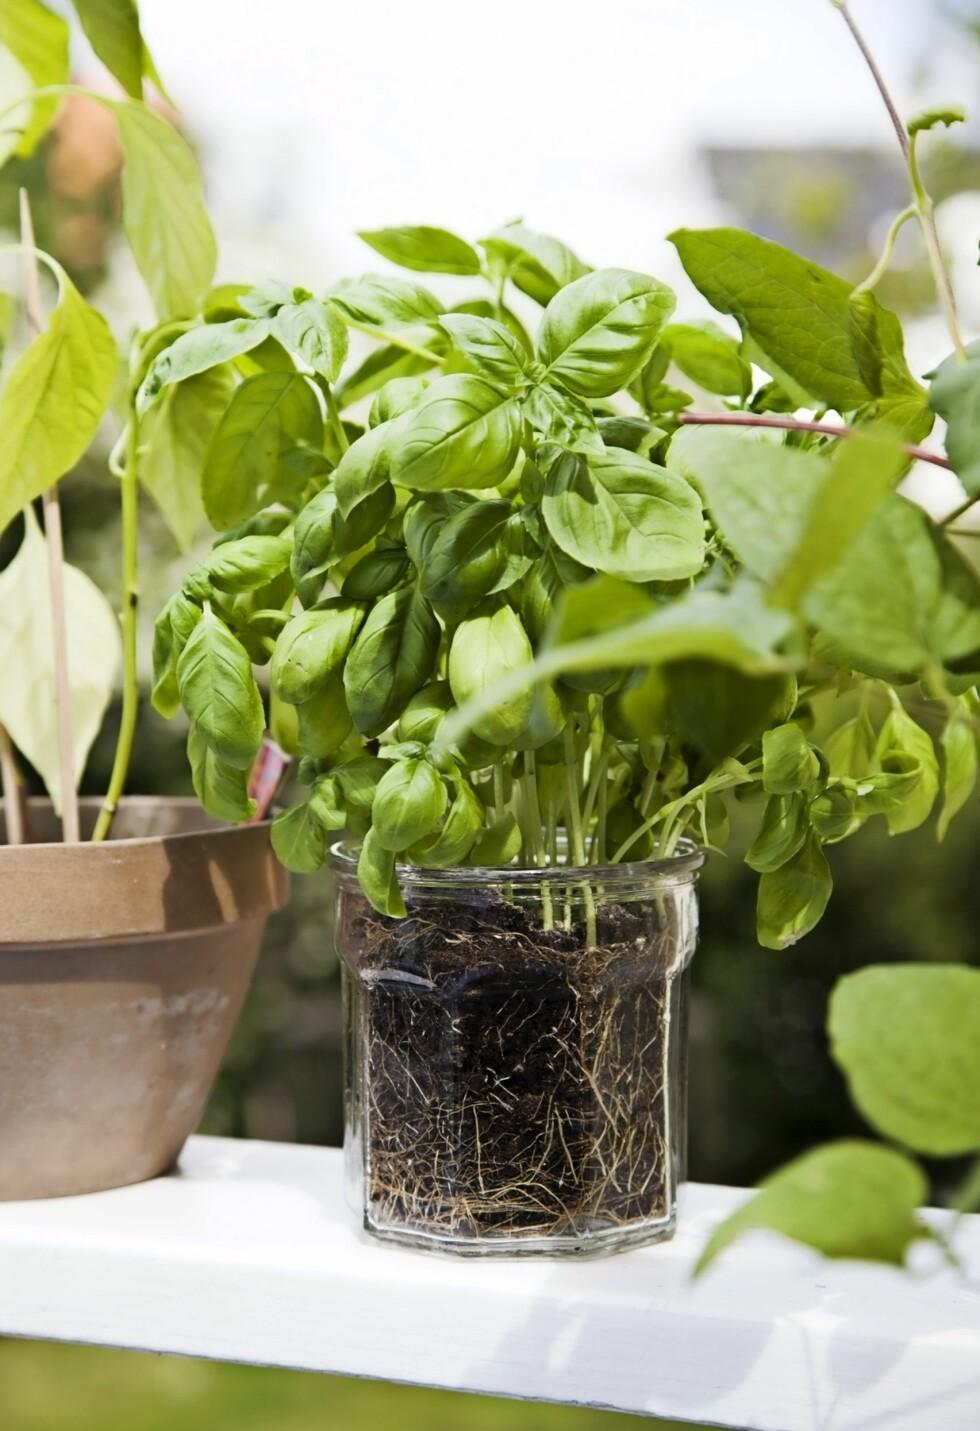 Bruk gelenderkanten eller et ekstra bord til krydderurter i potter. Da er de lett tilgjengelige når dere sitter ved bordet.